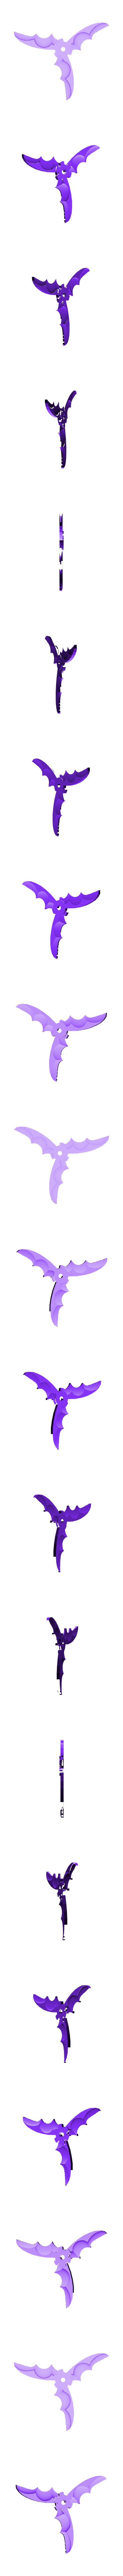 Big_Blades.stl Télécharger fichier STL gratuit GyroBomber nain • Objet imprimable en 3D, mrhers2